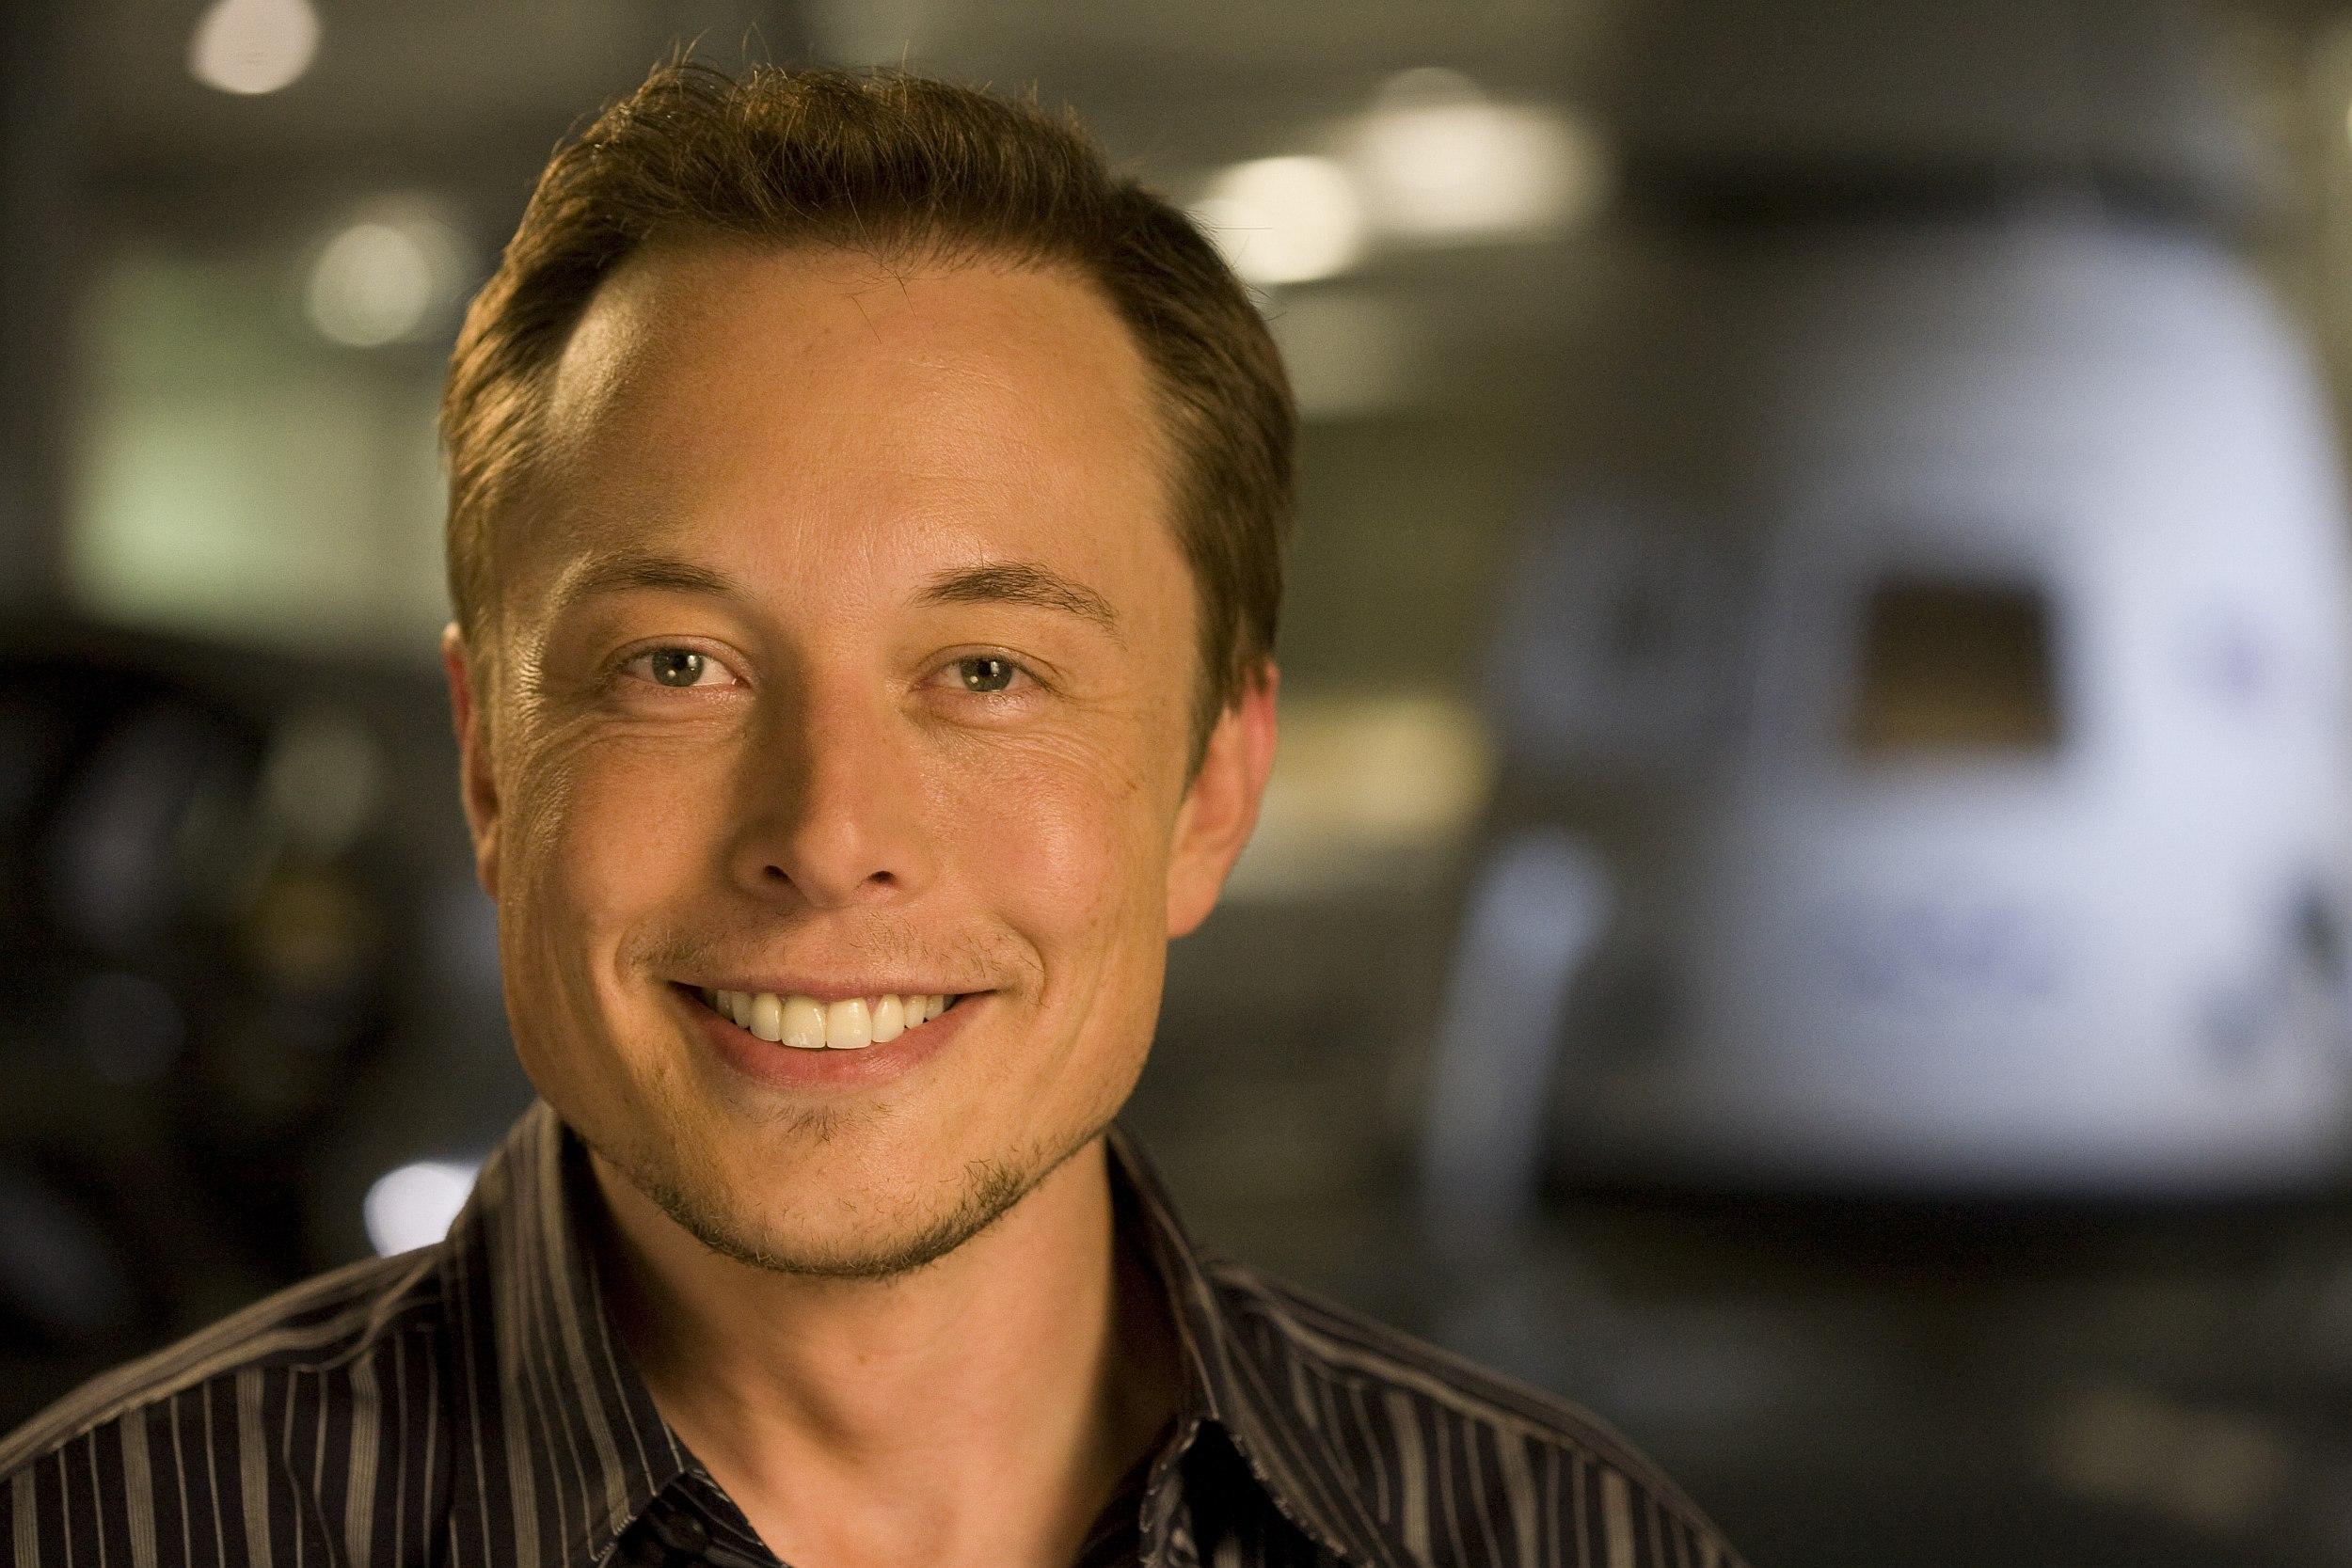 Jeśli już Elon Musk znajdzie czas na rozrywkę, imprezuje z rozmachem (fot. flickr.com / OnInnovation / CC BY-ND 2.0)